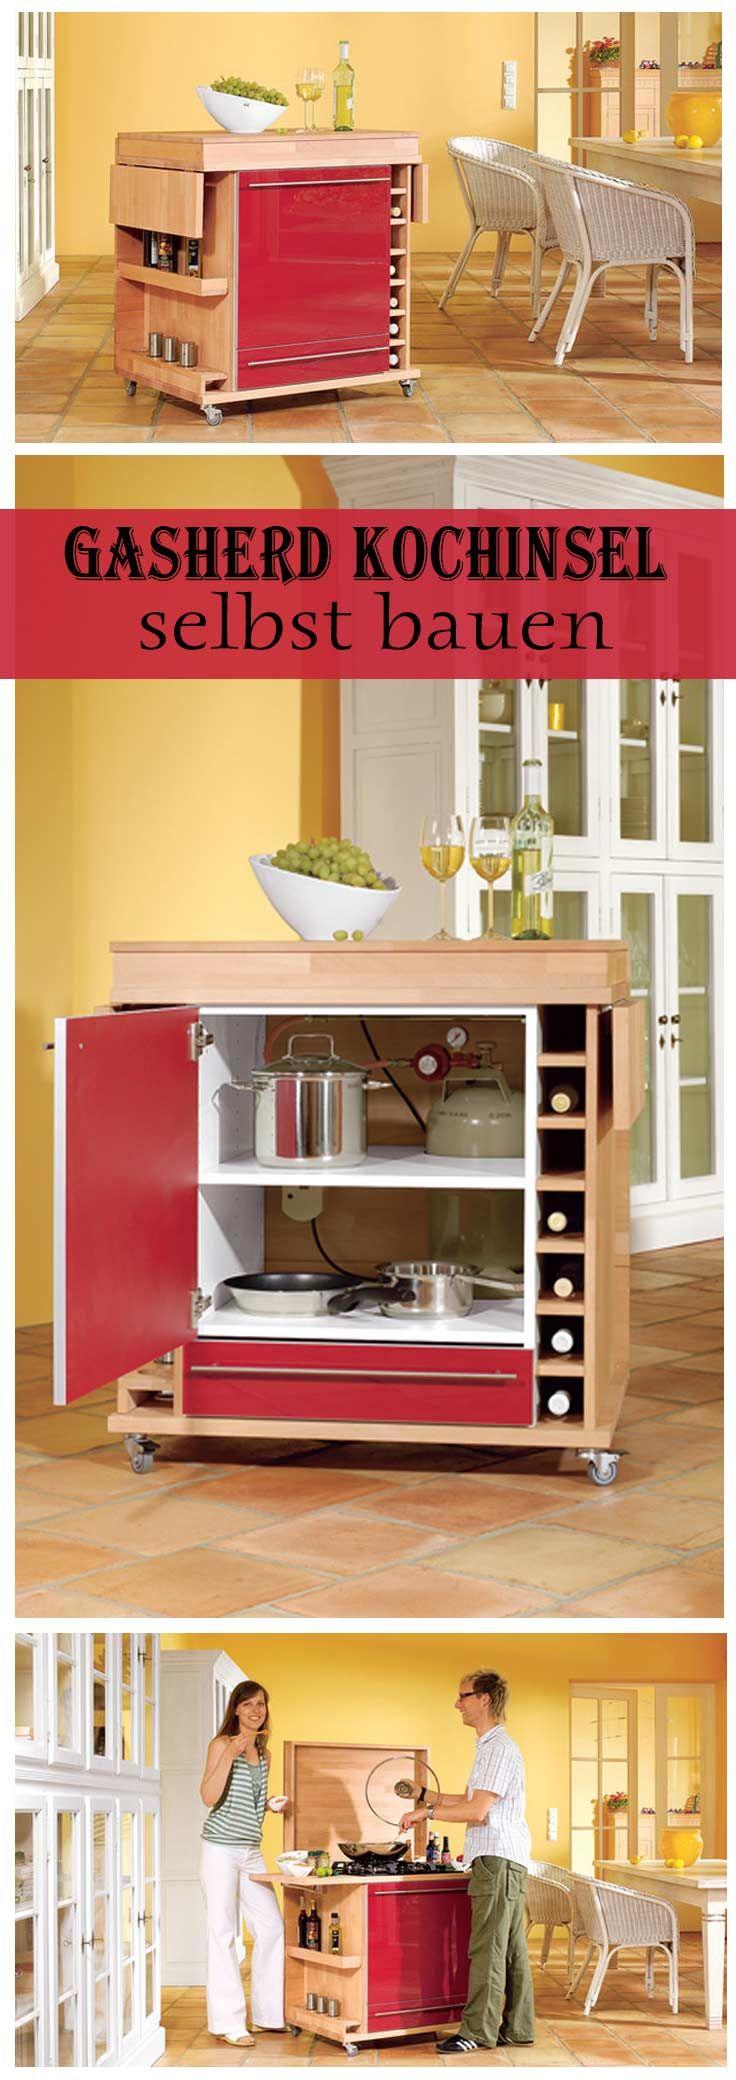 Ziemlich Bauen Sie Ihre Eigene Mobile Kücheninsel Galerie - Küchen ...